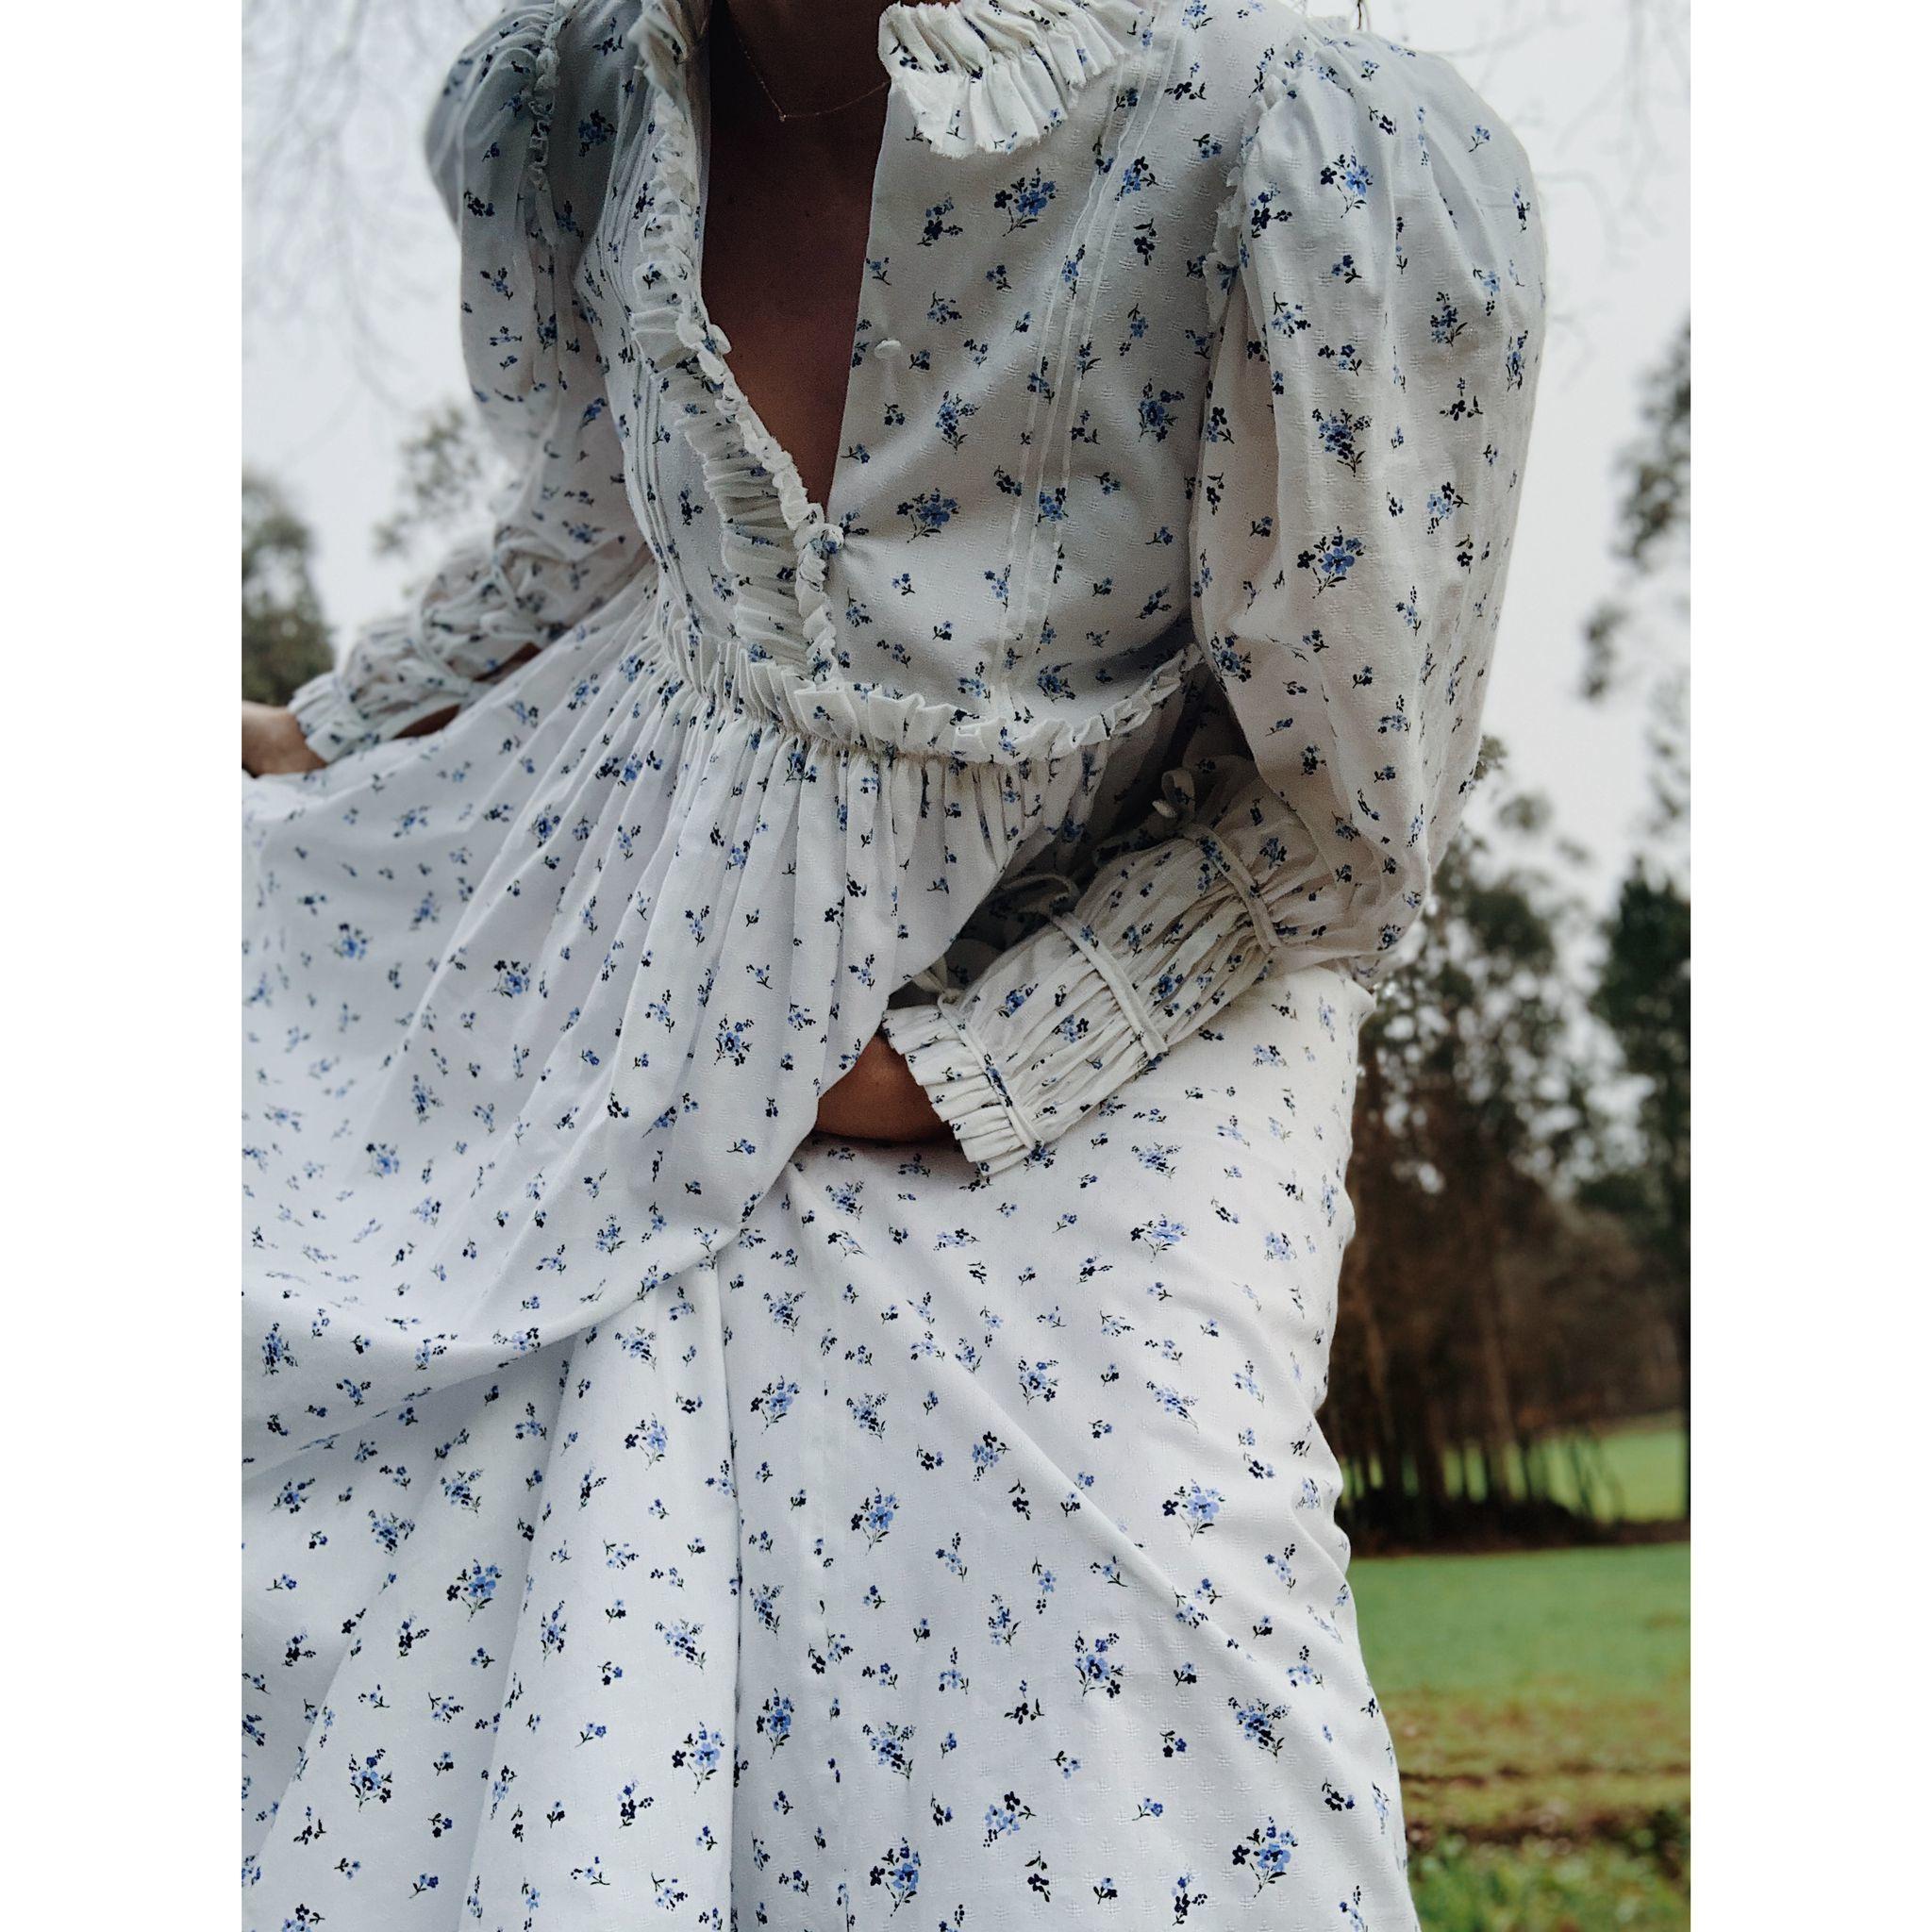 Vestido romántico con nido de abeja en los puños.